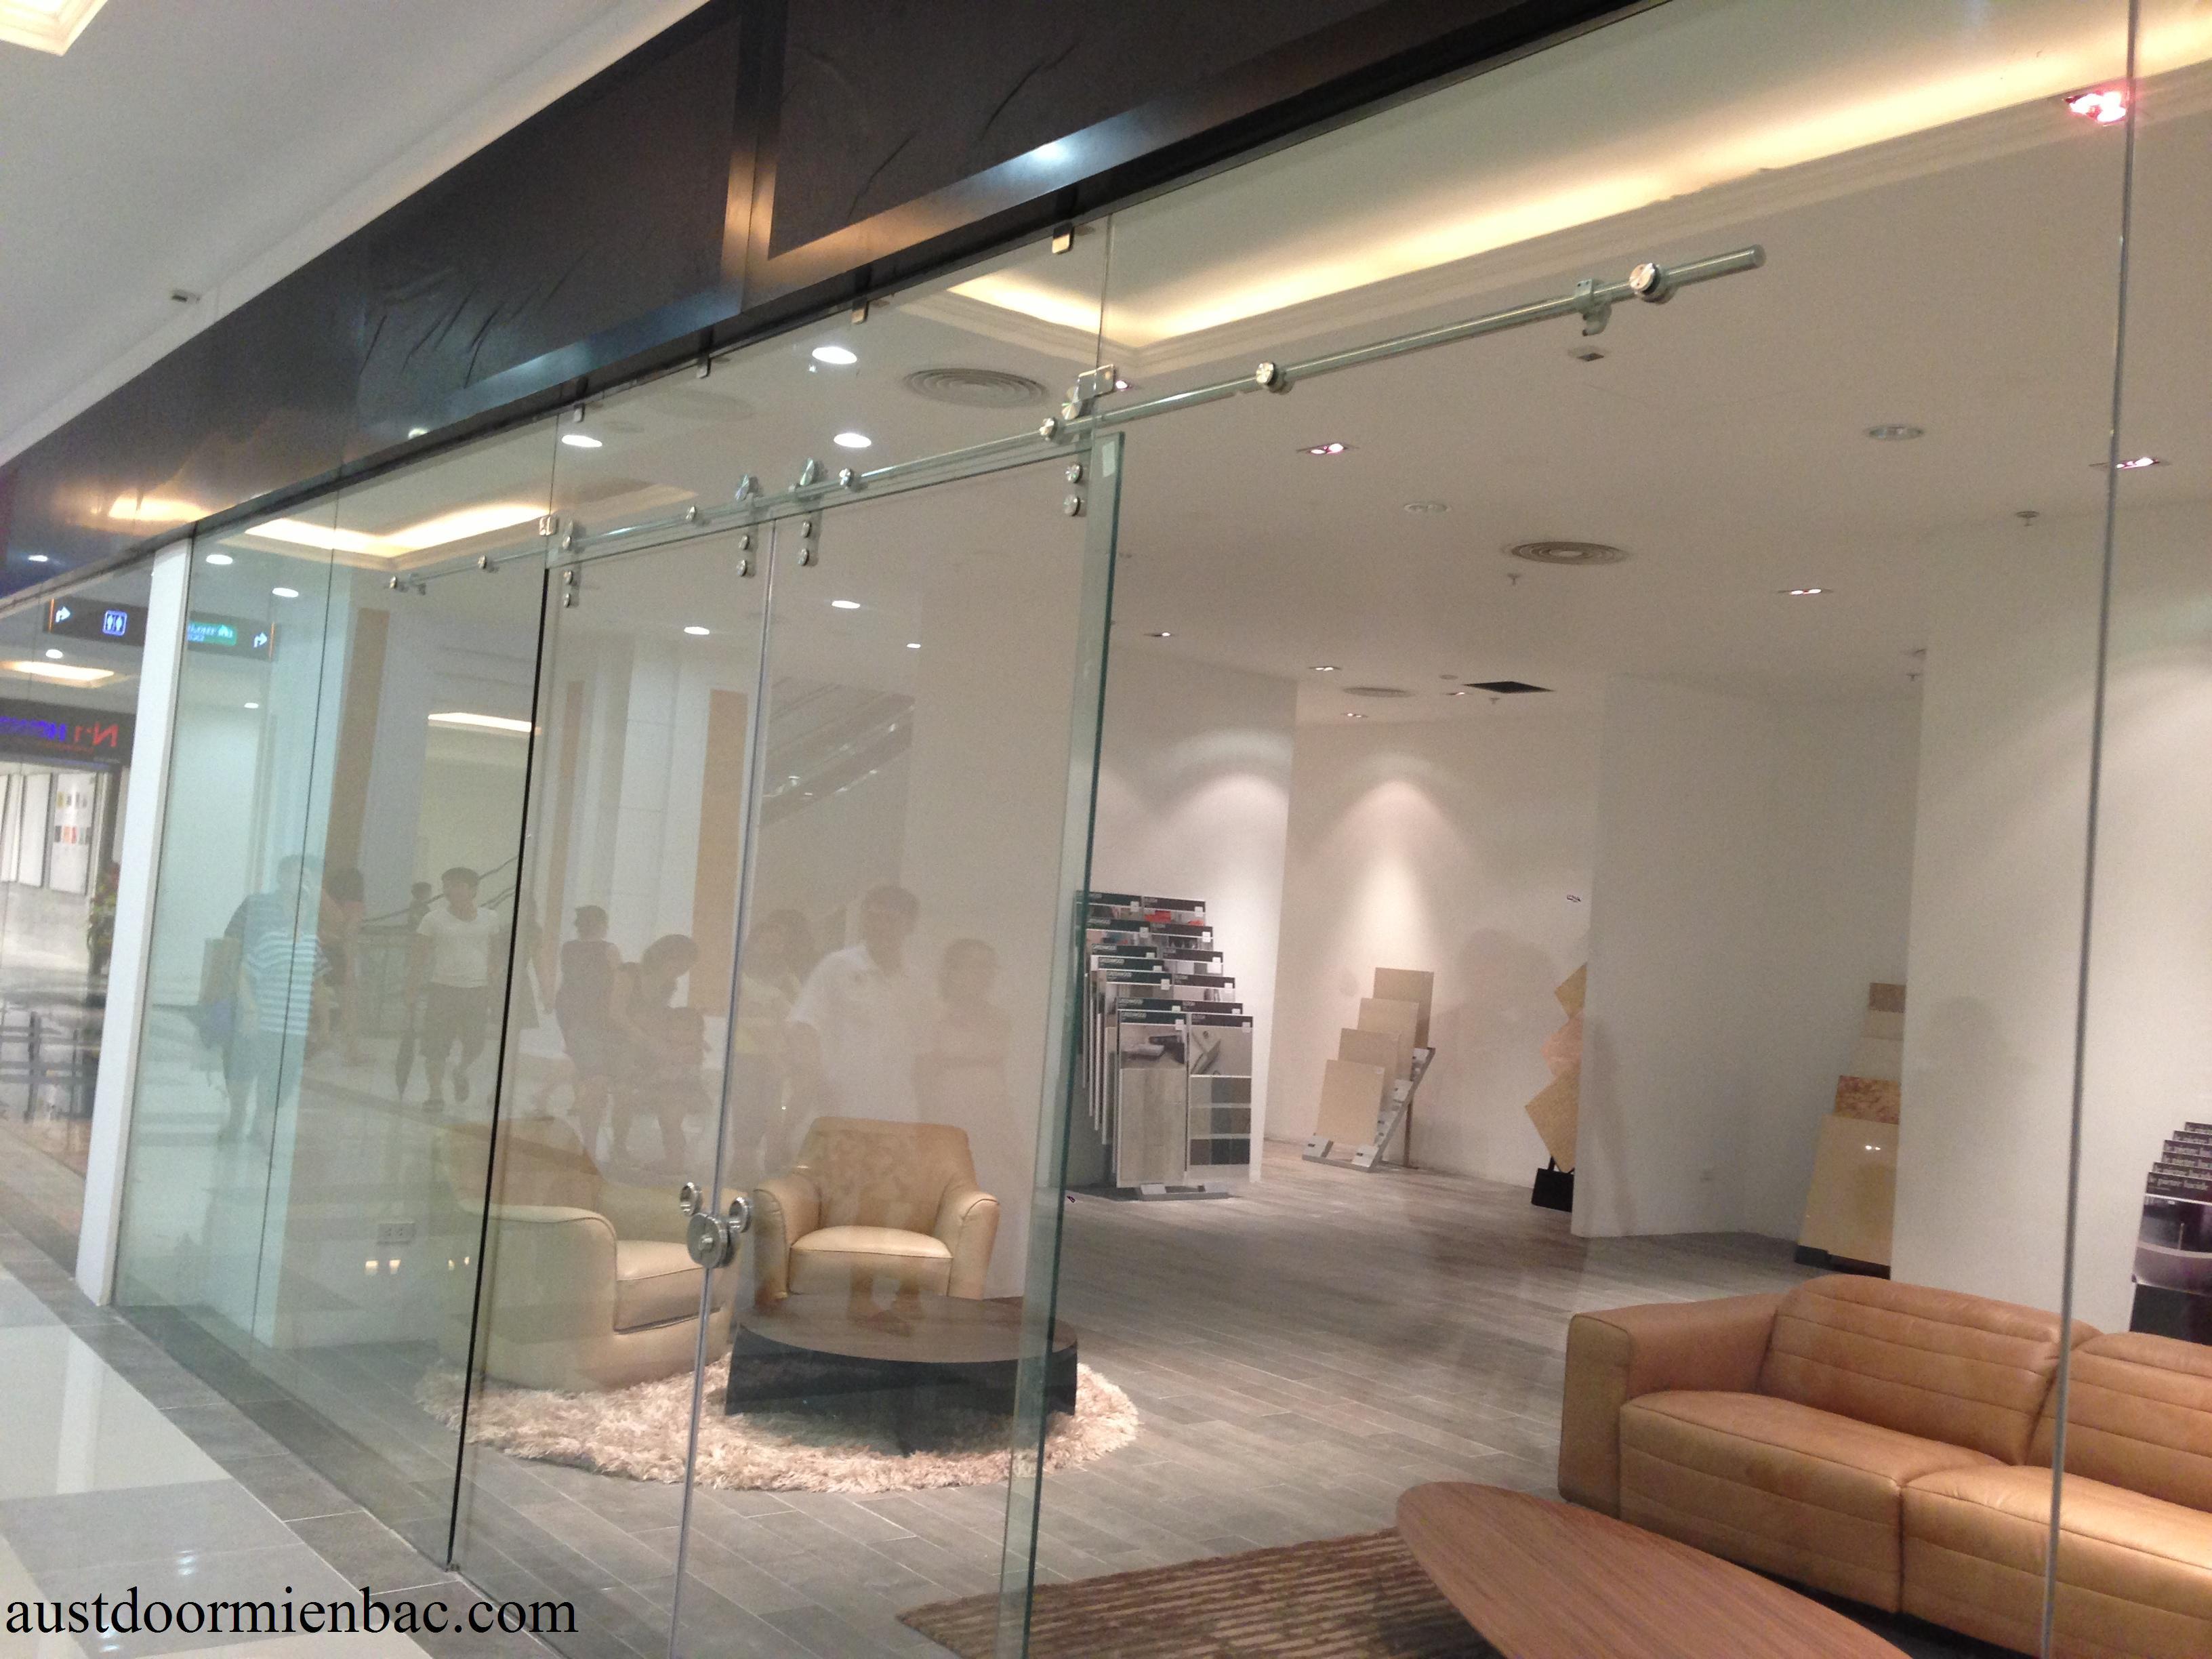 Hỏi kích thước chiều rộng và cao của cửa kính trượt treo thông dụng?